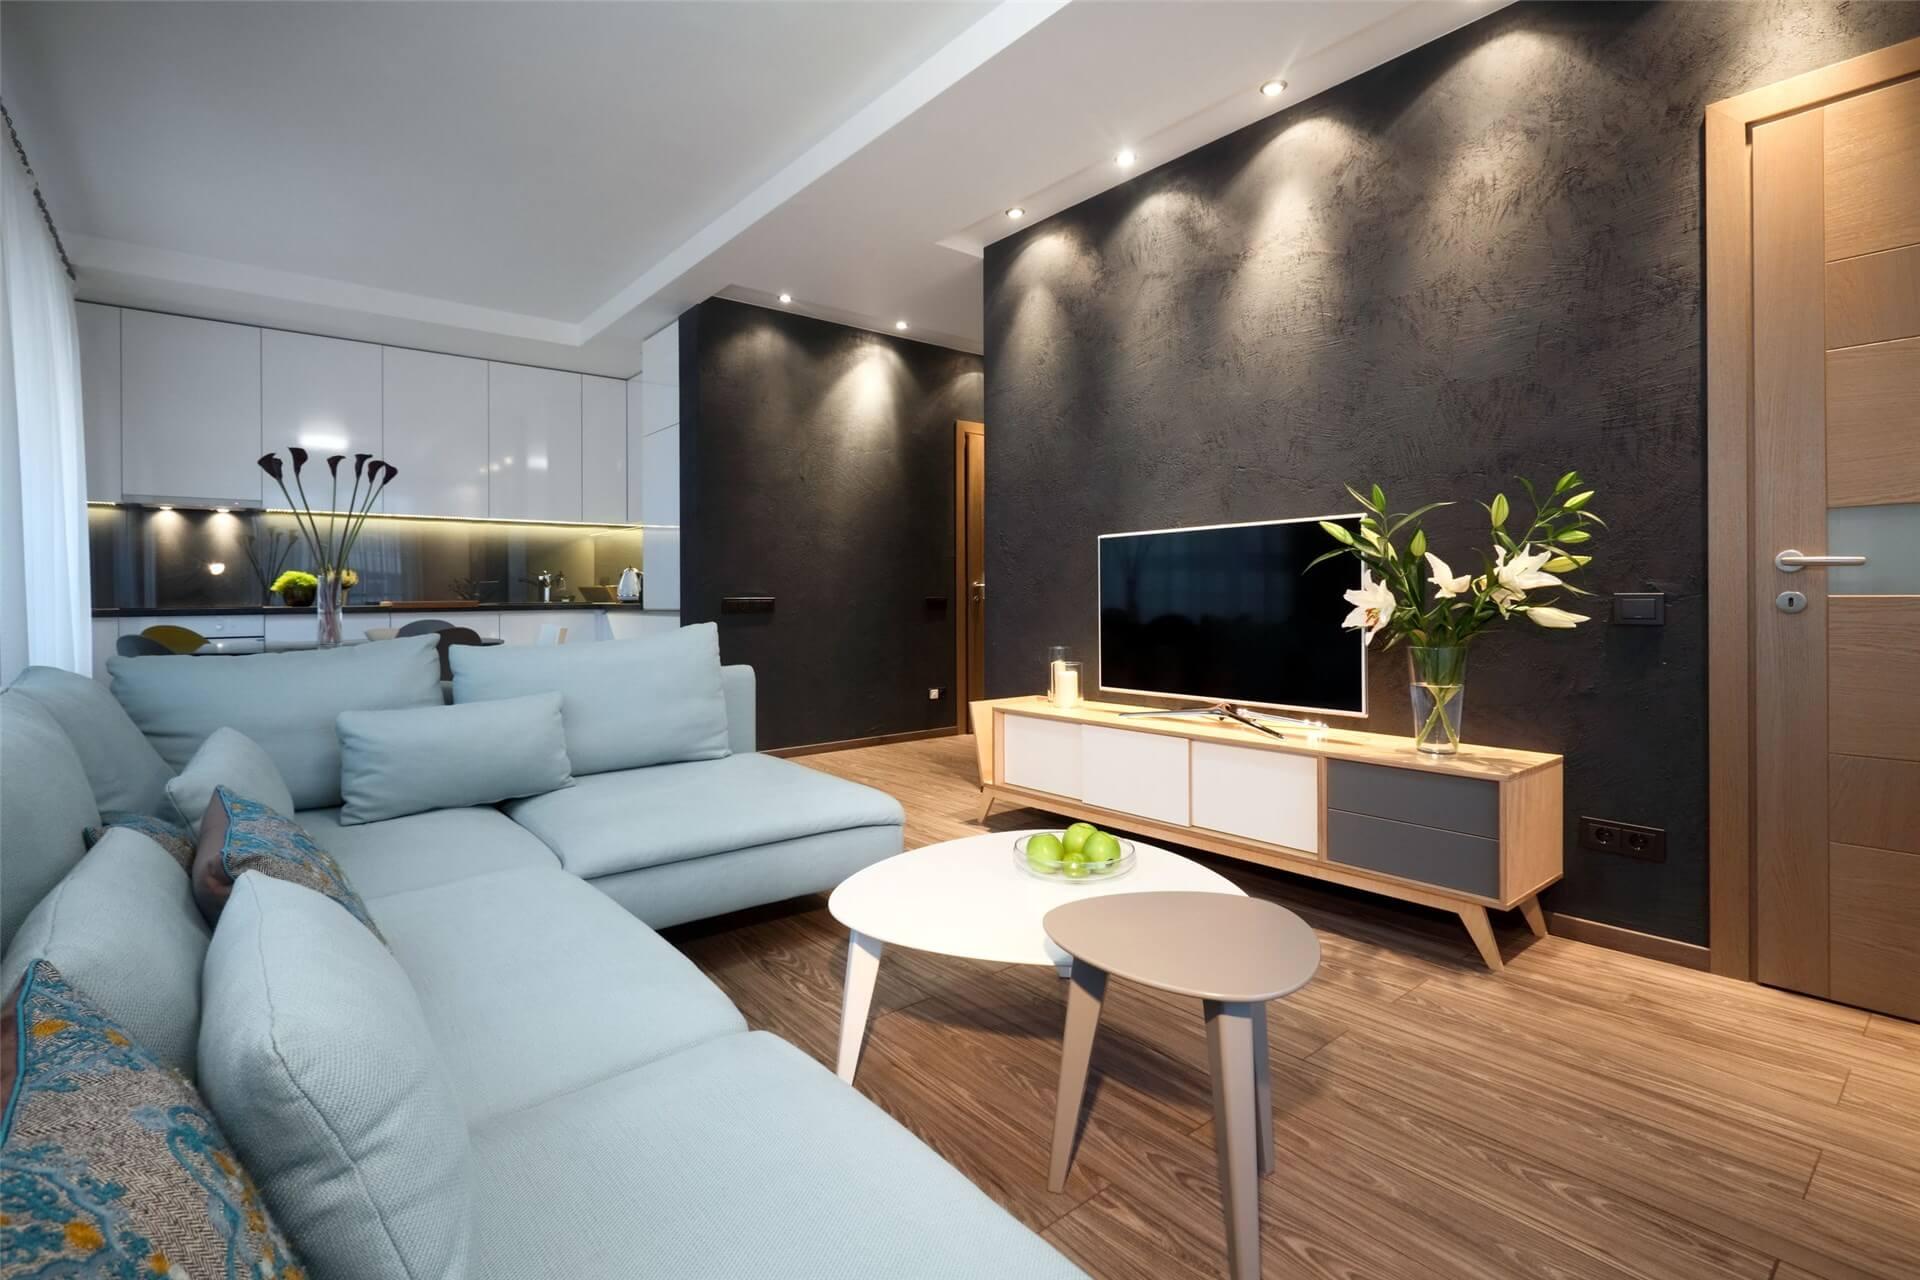 Rénovation salon et cuisine d'un appartement Divonne